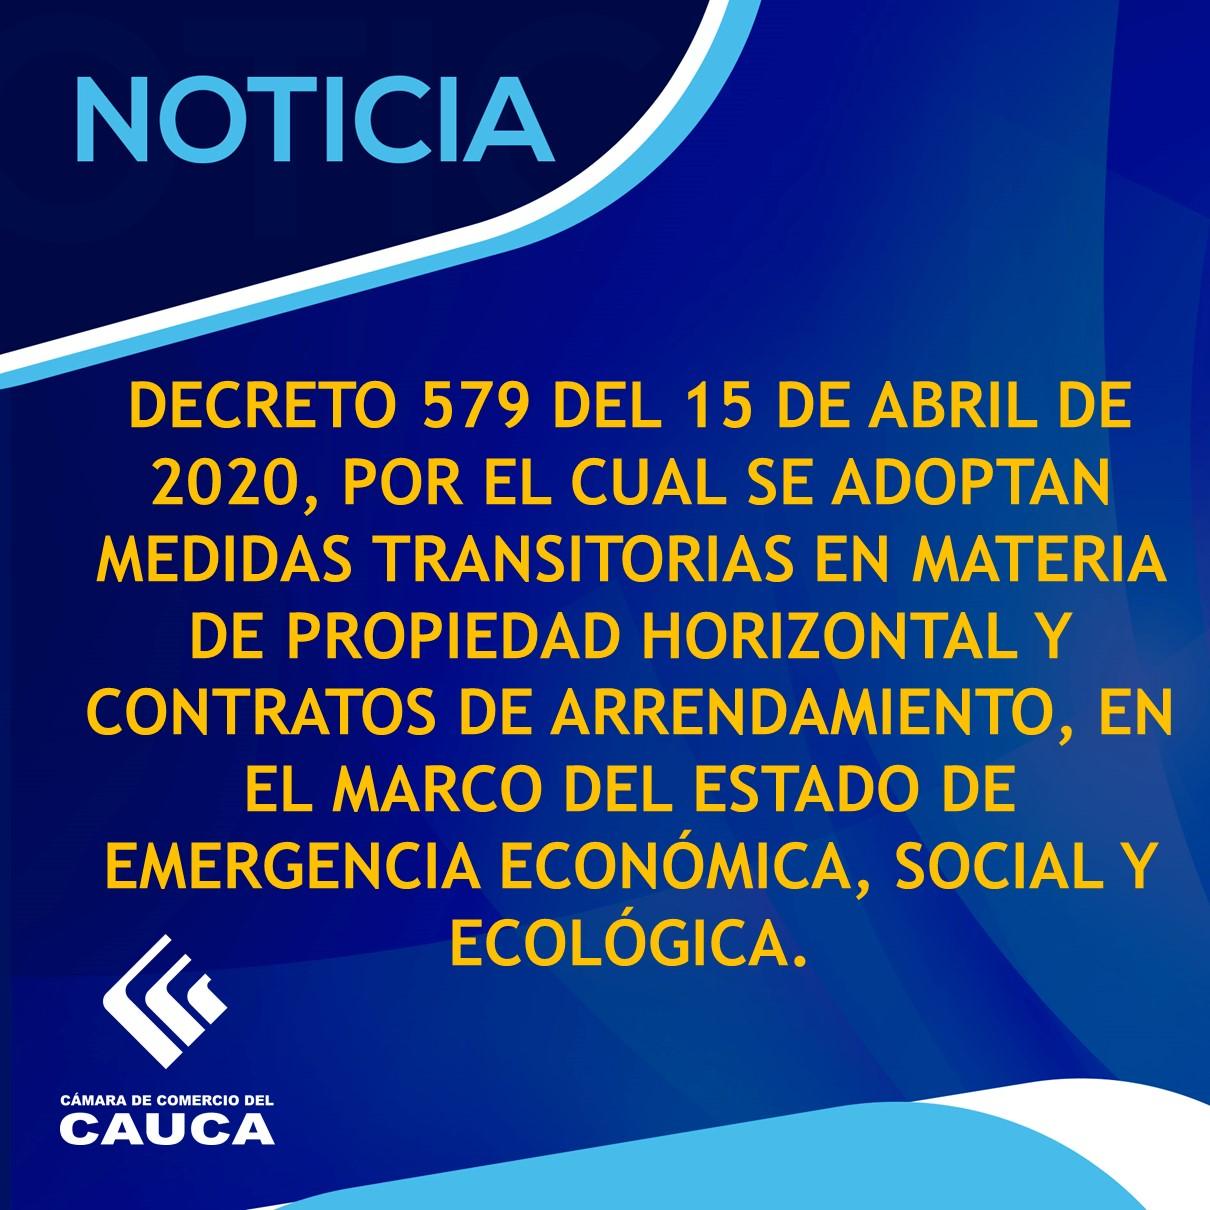 DECRETO 579 DEL 15 DE ABRIL DE 2020, POR EL CUAL SE ADOPTAN MEDIDAS TRANSITORIAS EN MATERIA DE PROPIEDAD HORIZONTAL Y CONTRATOS DE ARRENDAMIENTO, EN EL MARCO DEL ESTADO DE EMERGENCIA ECONÓMICA, SOCIAL Y ECOLÓGICA.